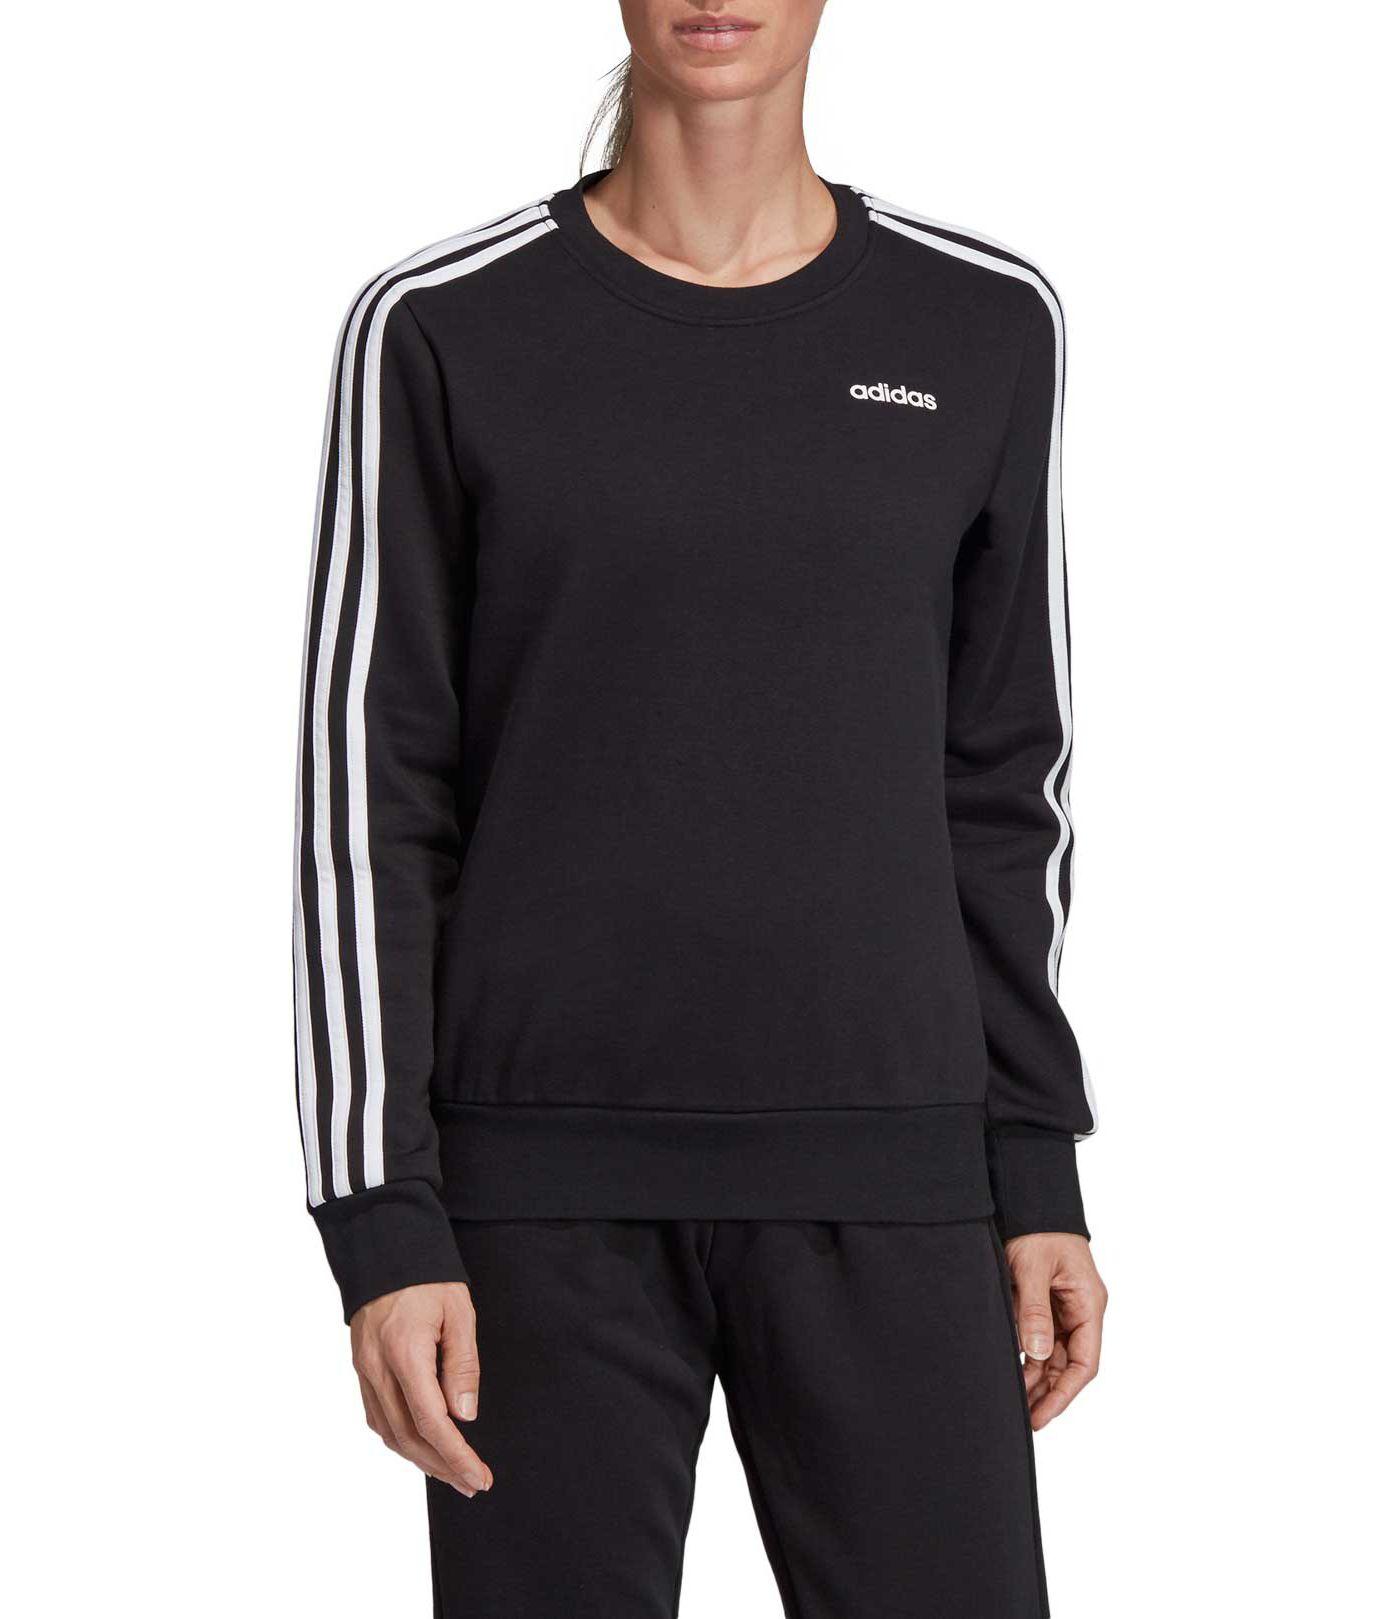 adidas Women's Essentials 3-Stripes Crew Neck Sweatshirt